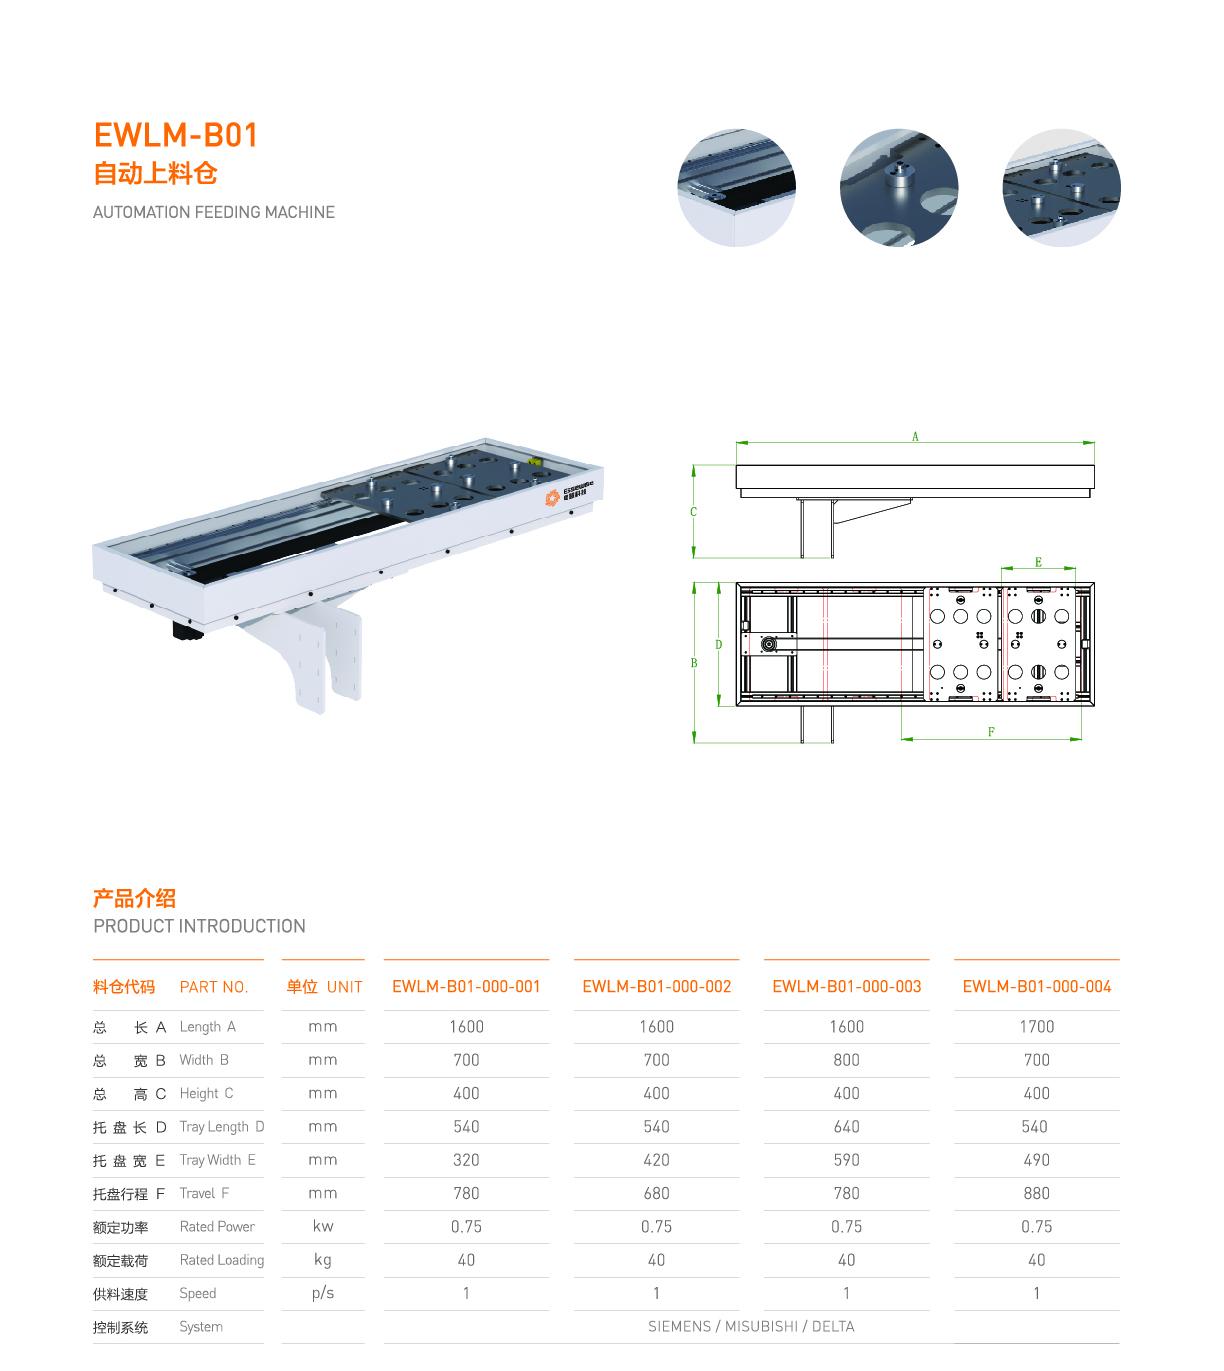 自动上料仓 EWLM-B01